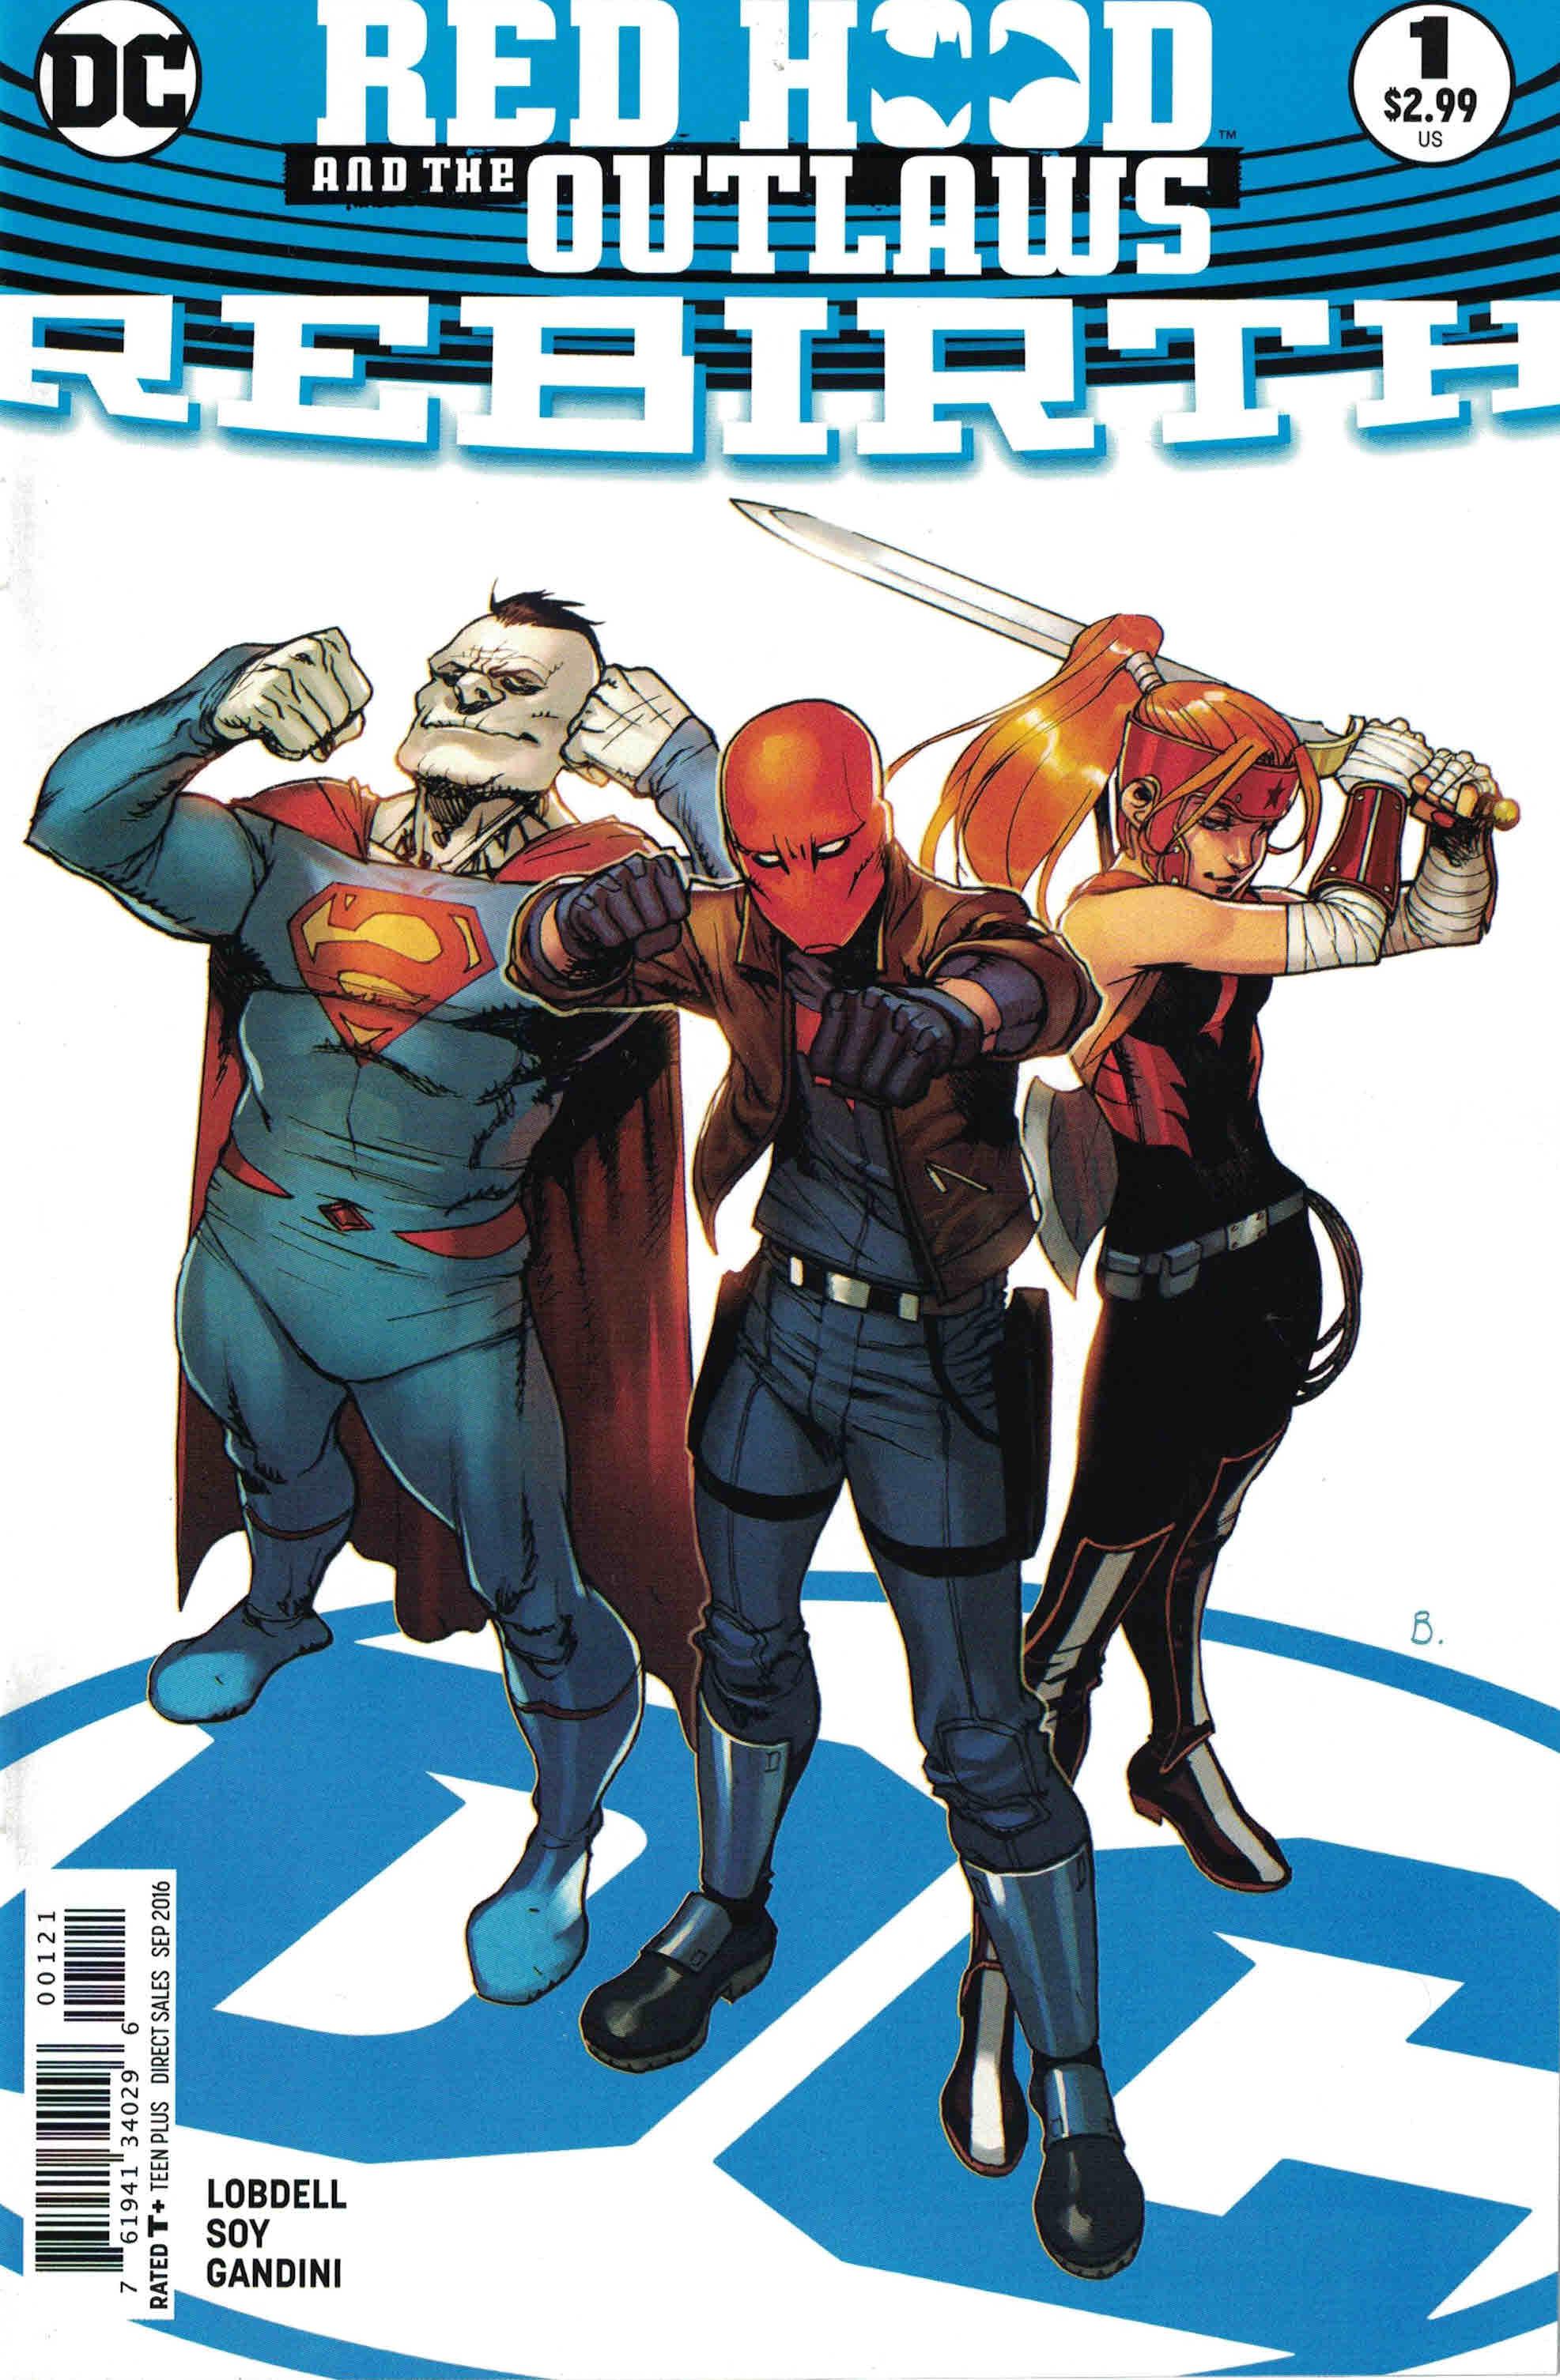 华纳将于4月26日公布一款DC新作 PC或由Epic独占